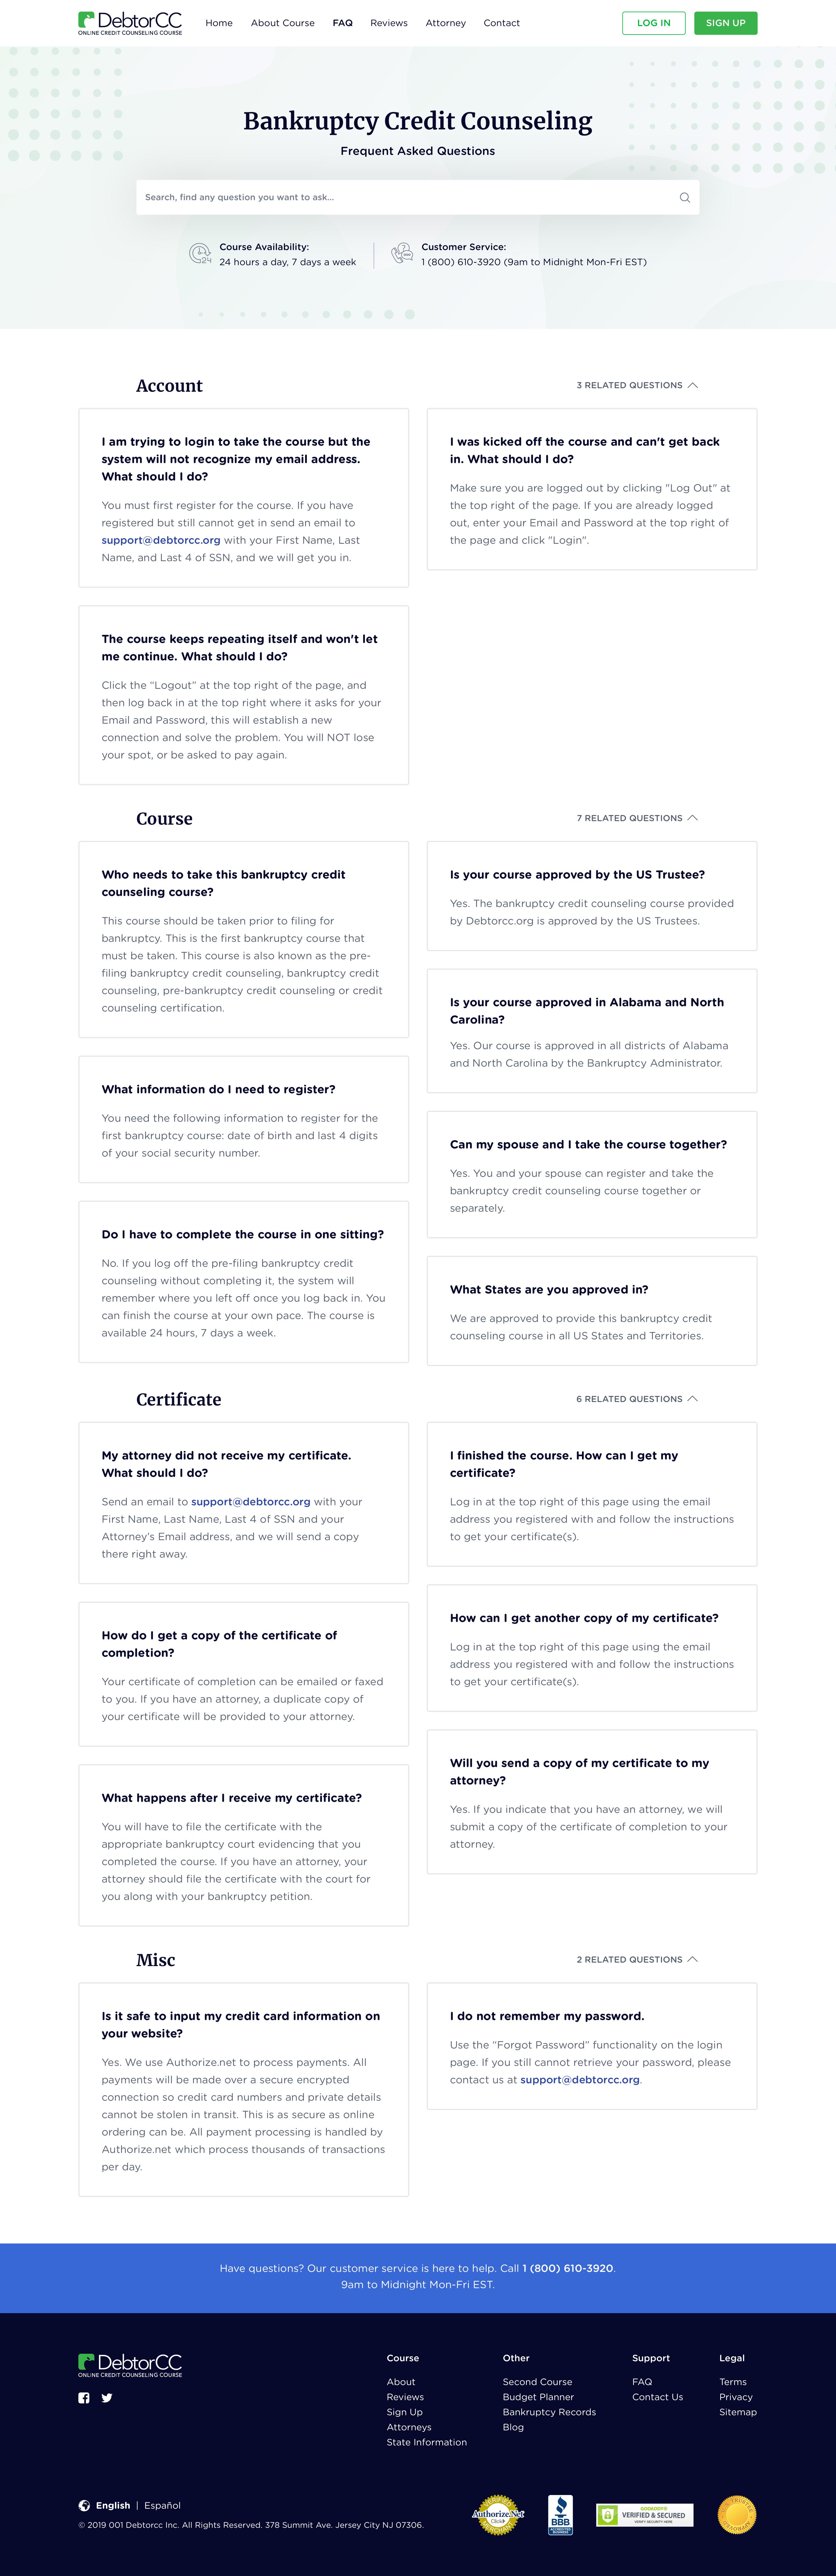 DebtorCC Website Redesign